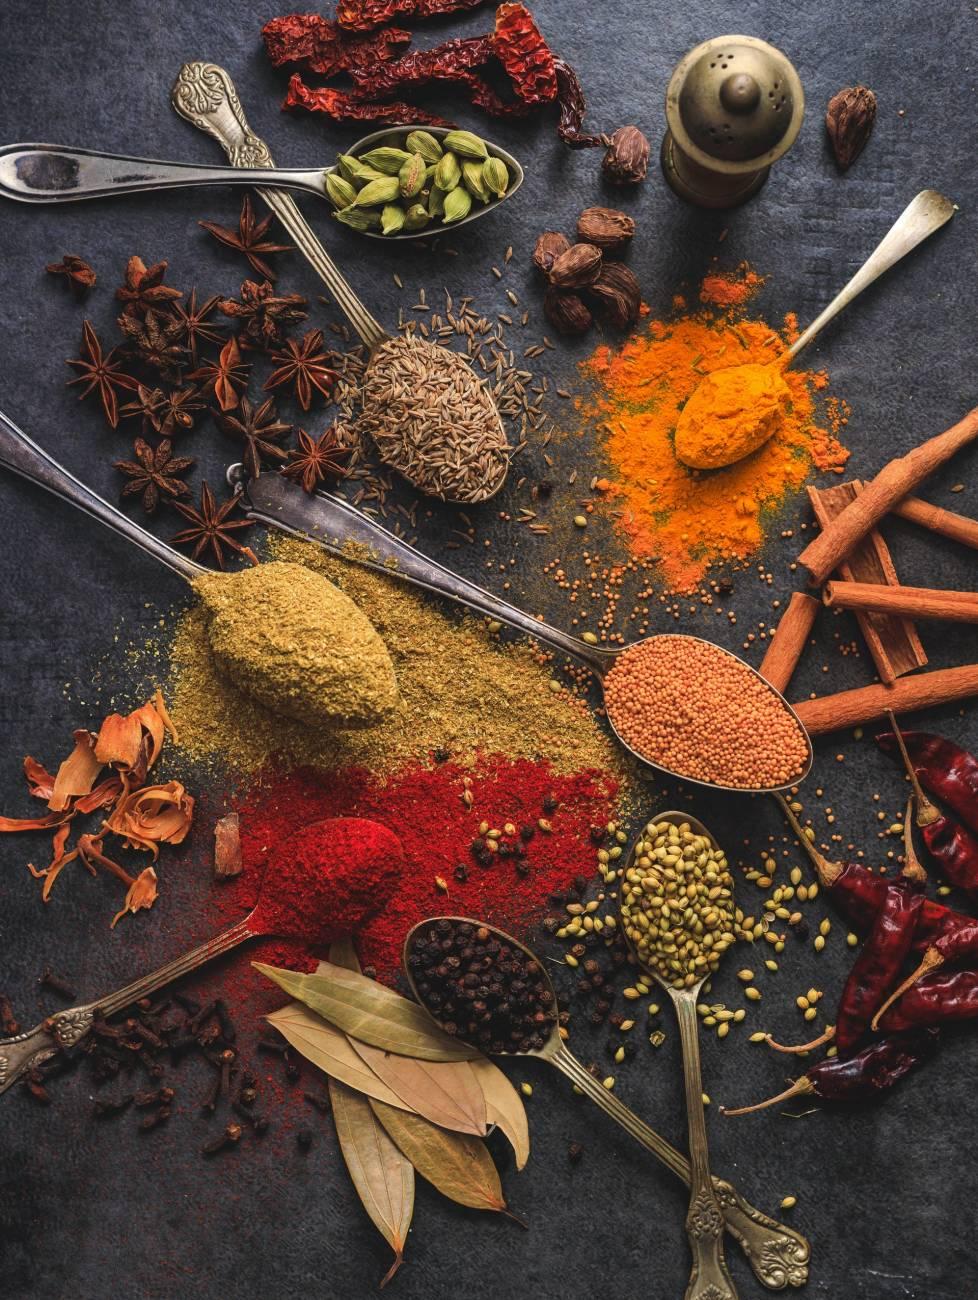 Najpopularniejsze zioła i przyprawy w kuchni